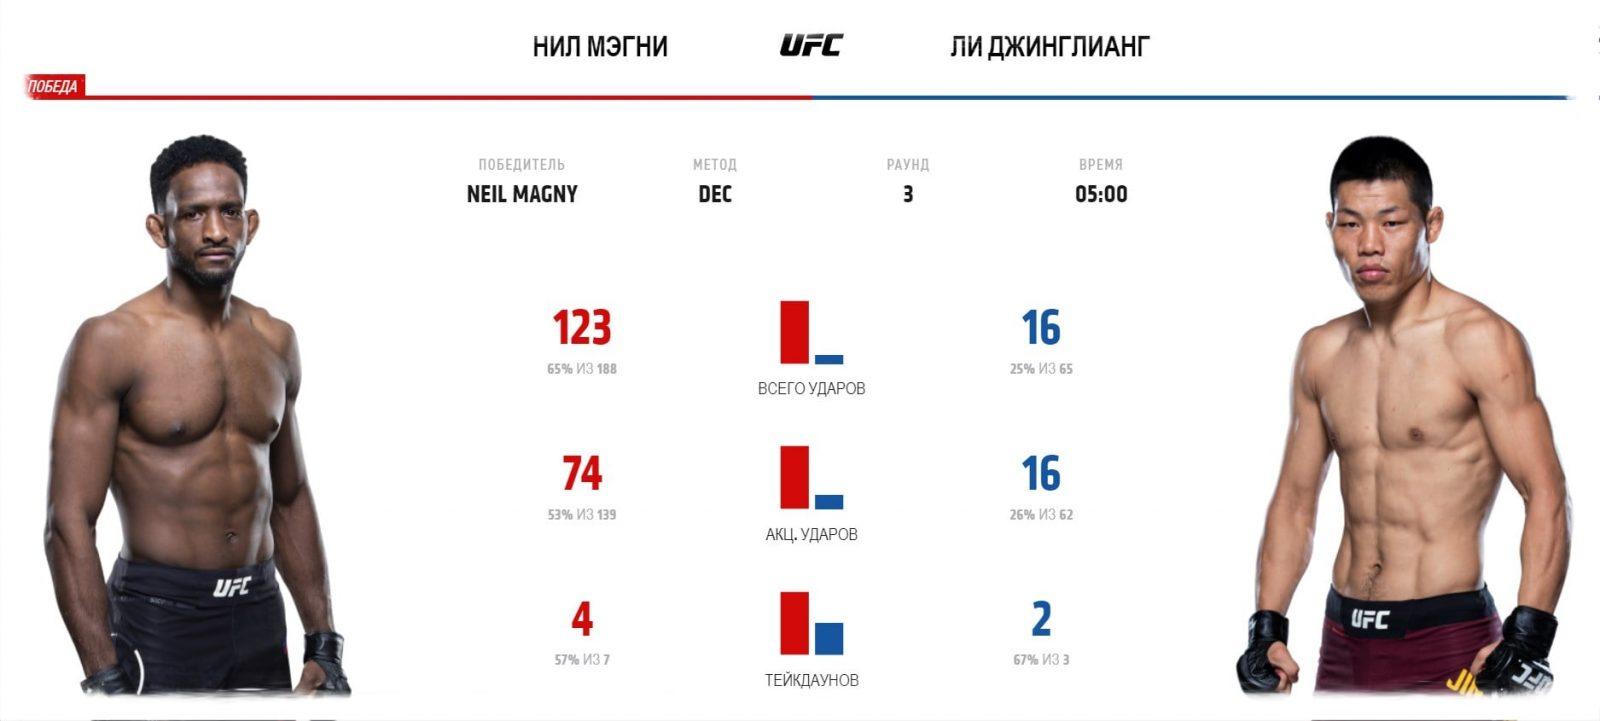 rezultaty-ufc-248